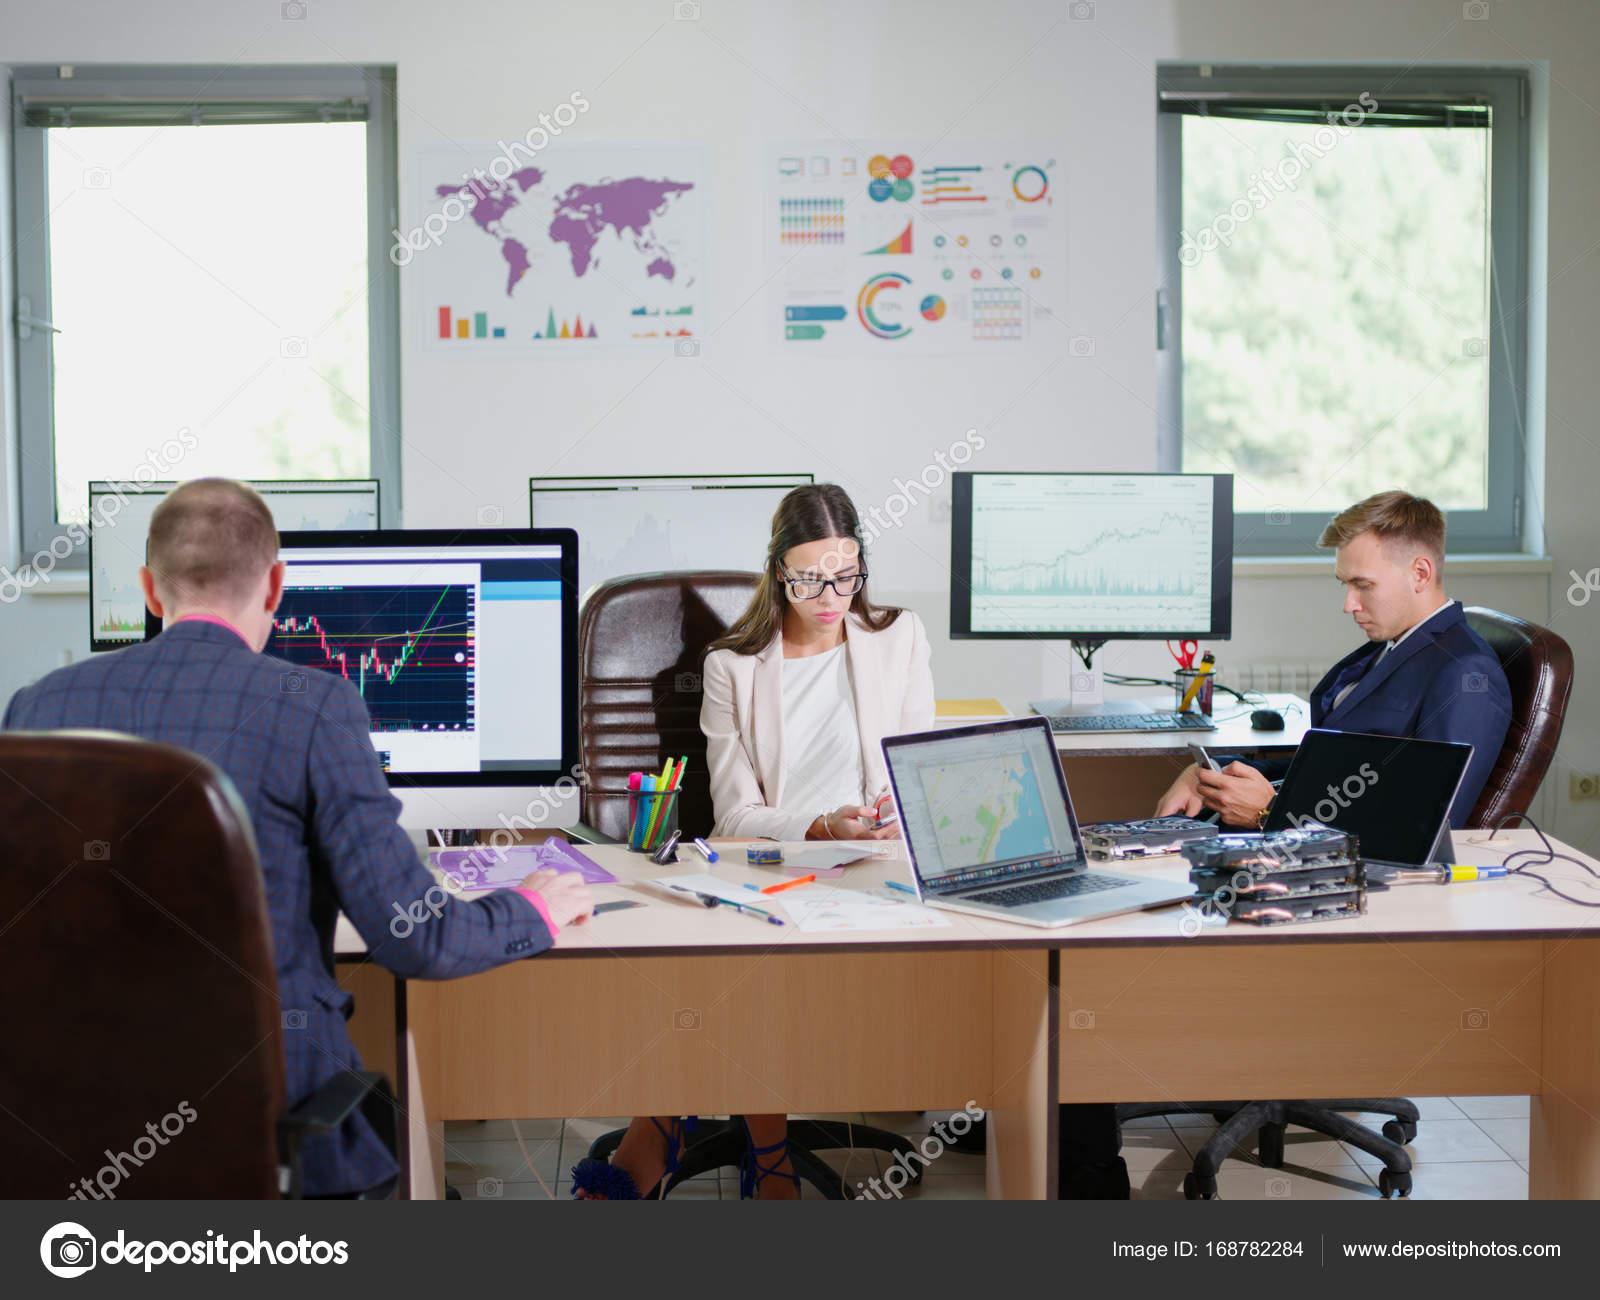 Les employés de bureau travaillent dans le bureau pour leur emploi